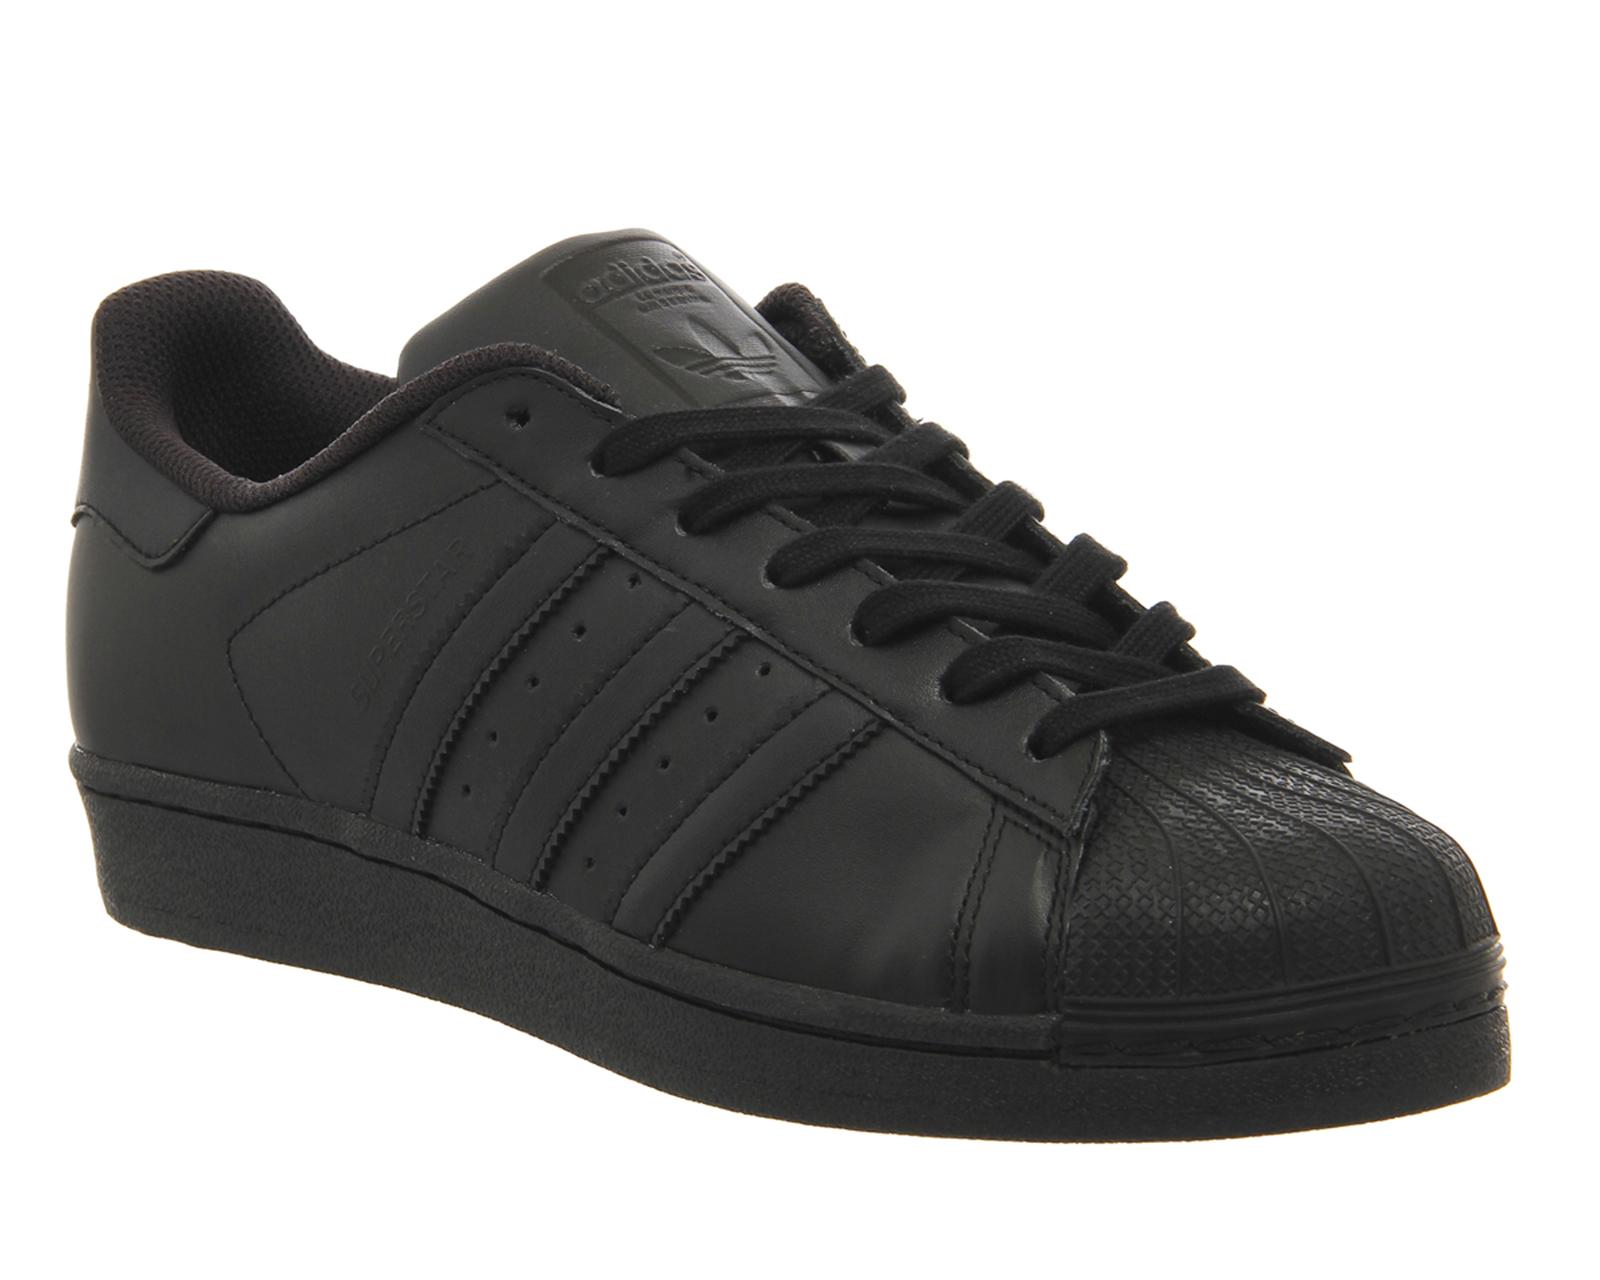 Adidas Shoes Ebay